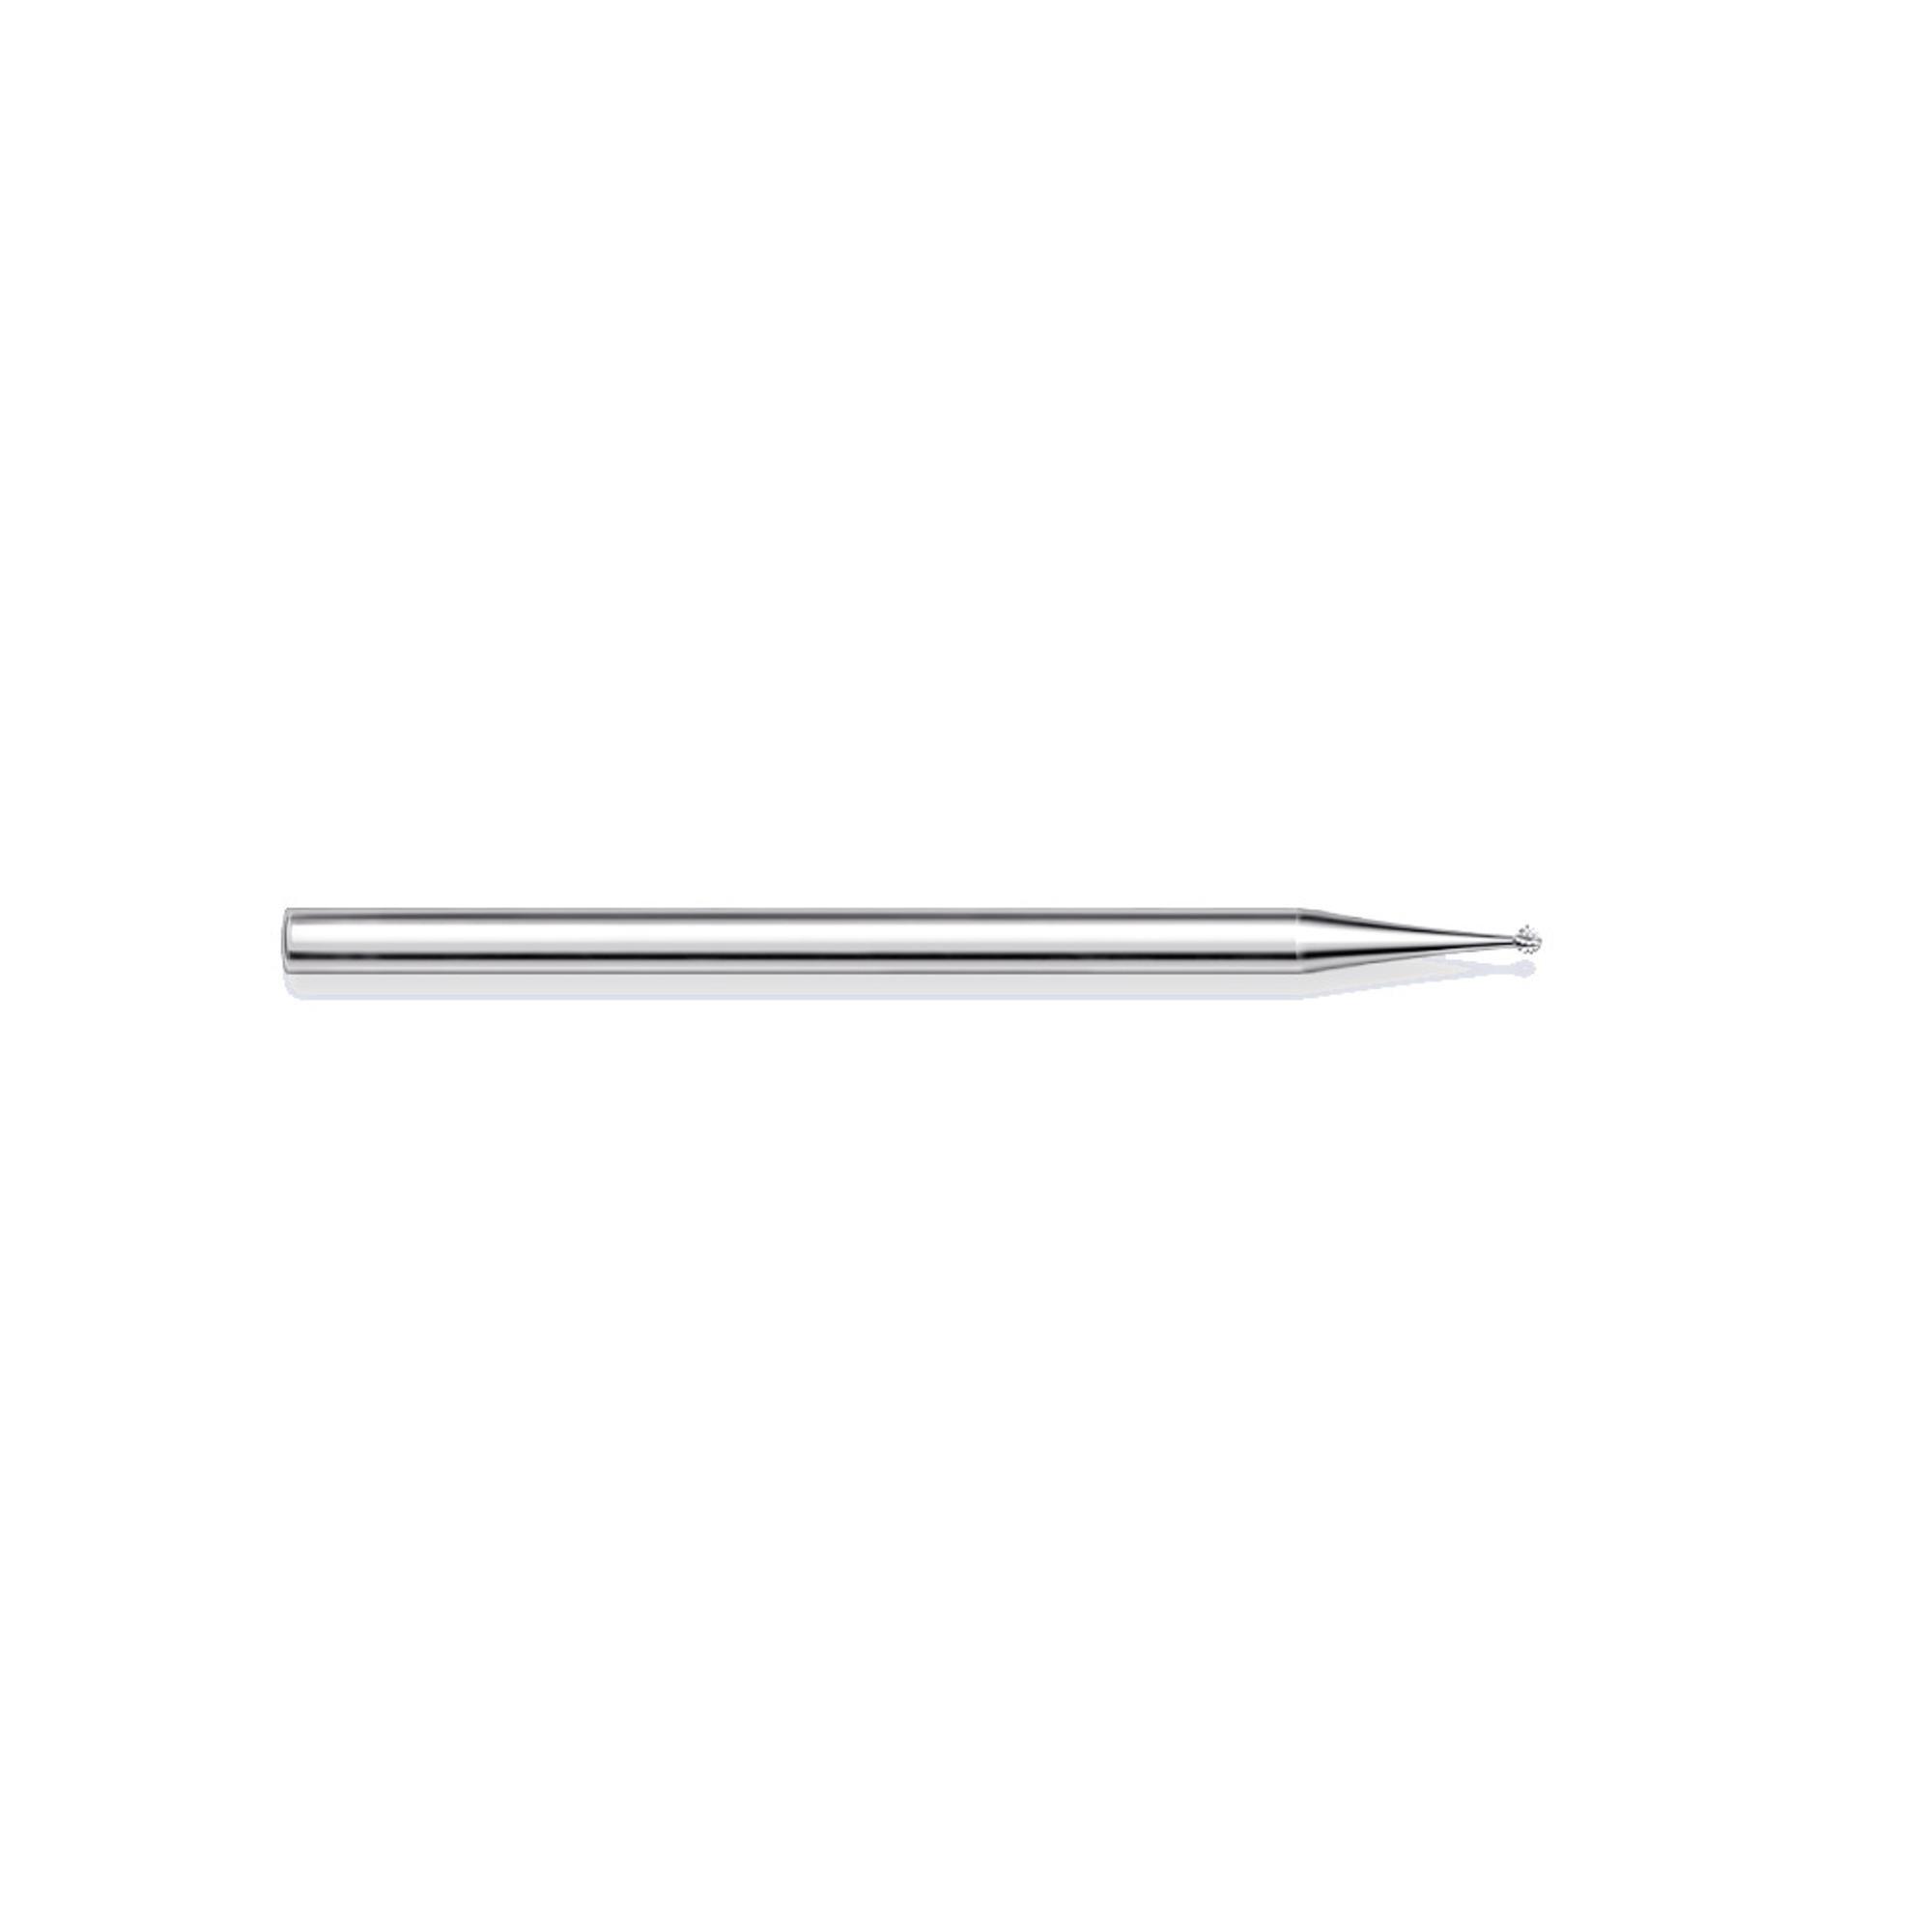 Fraise 11RS - Acier inoxydable - Enucléation des cors - 1 mm